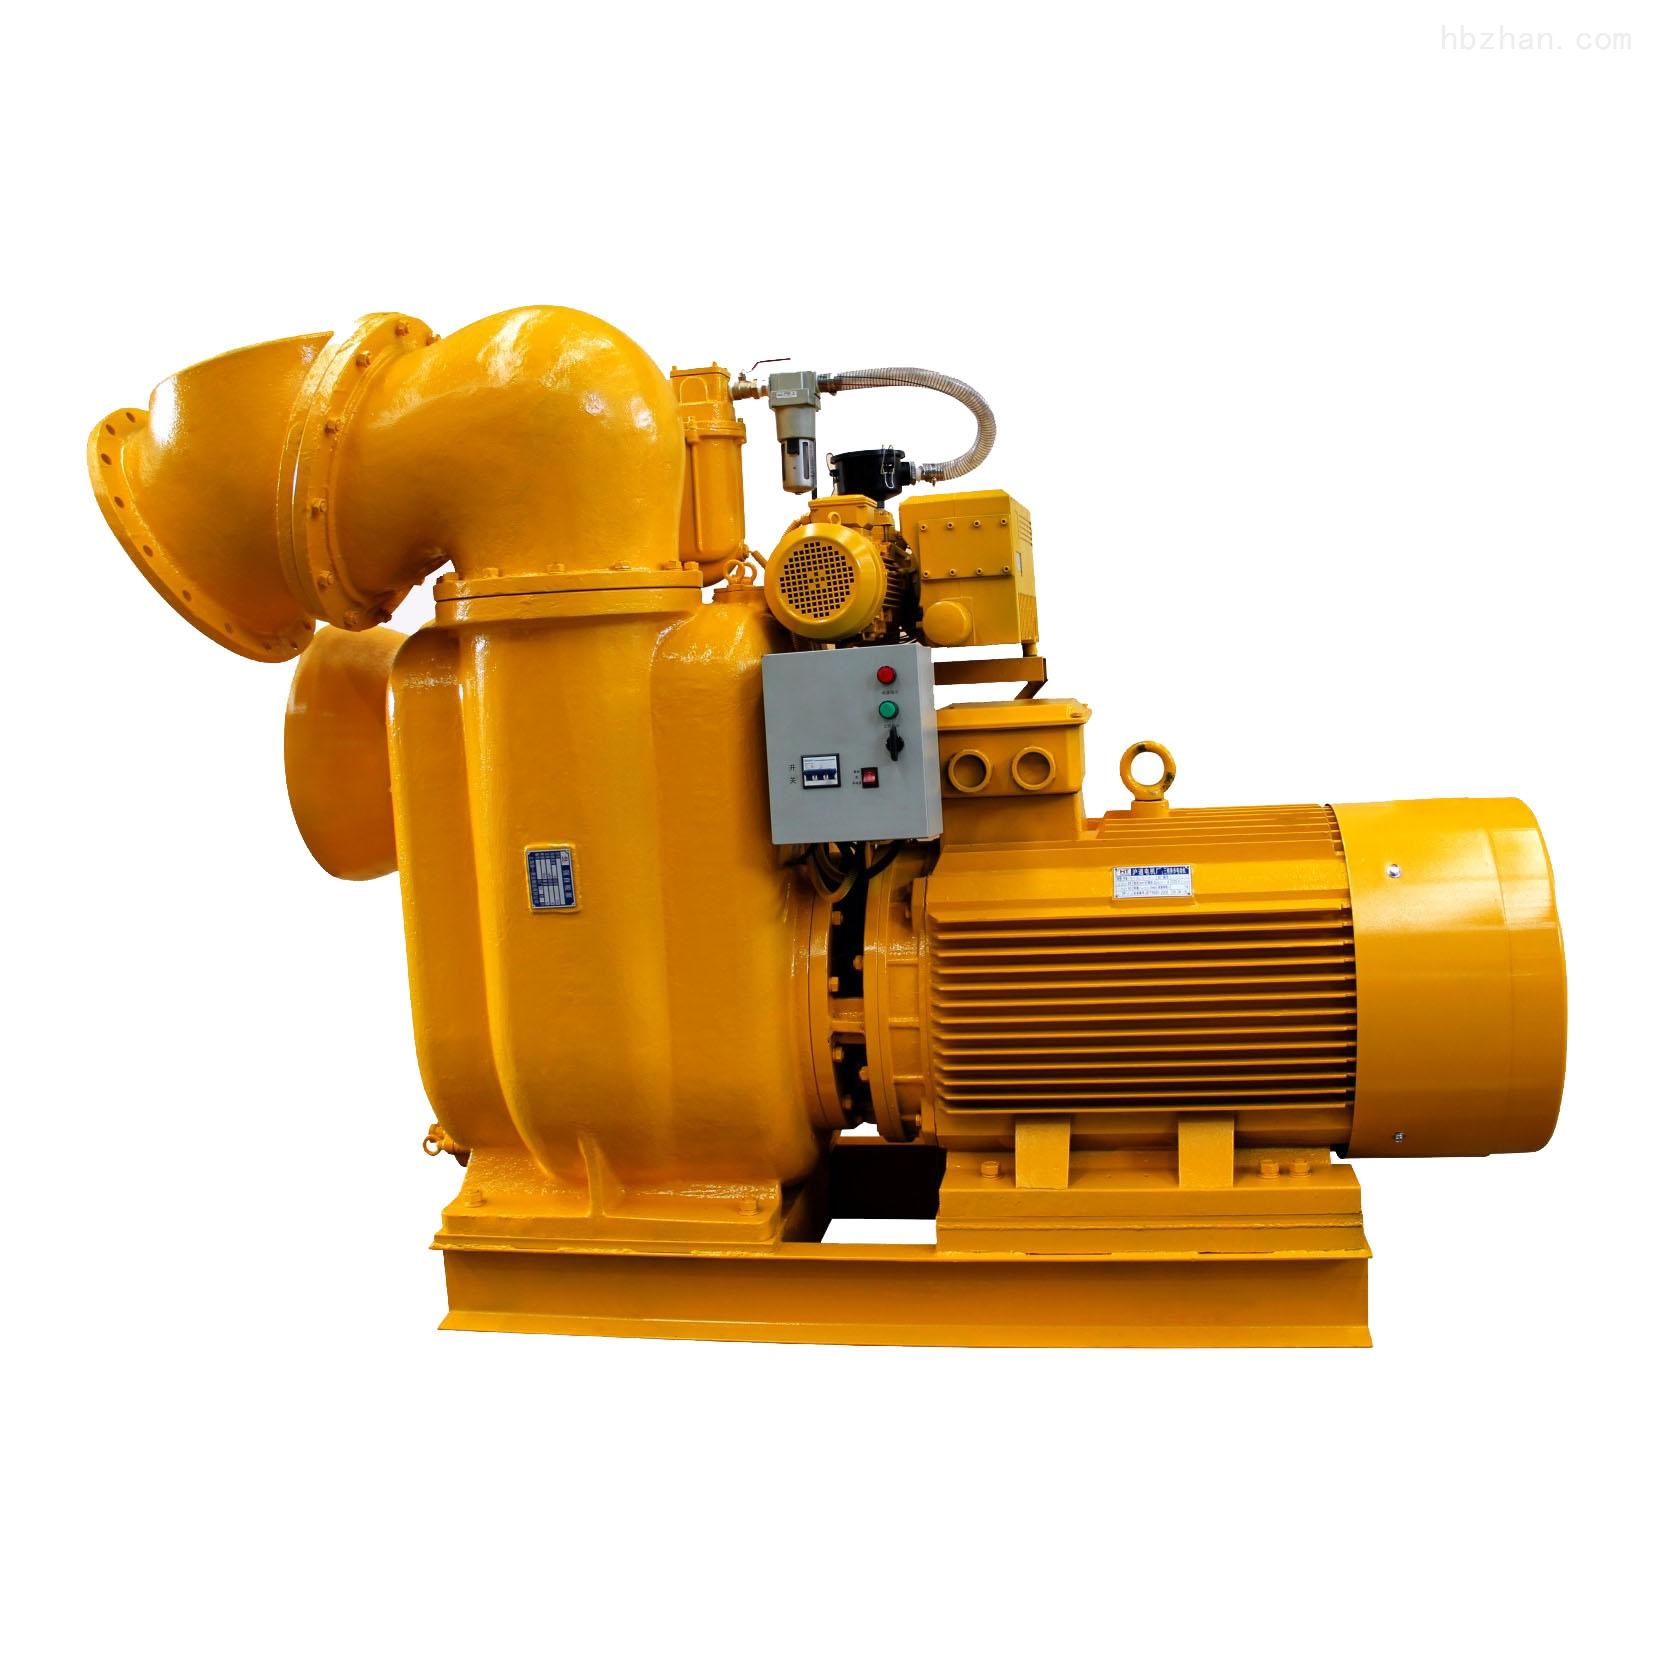 防汛抢险专用泵厂家